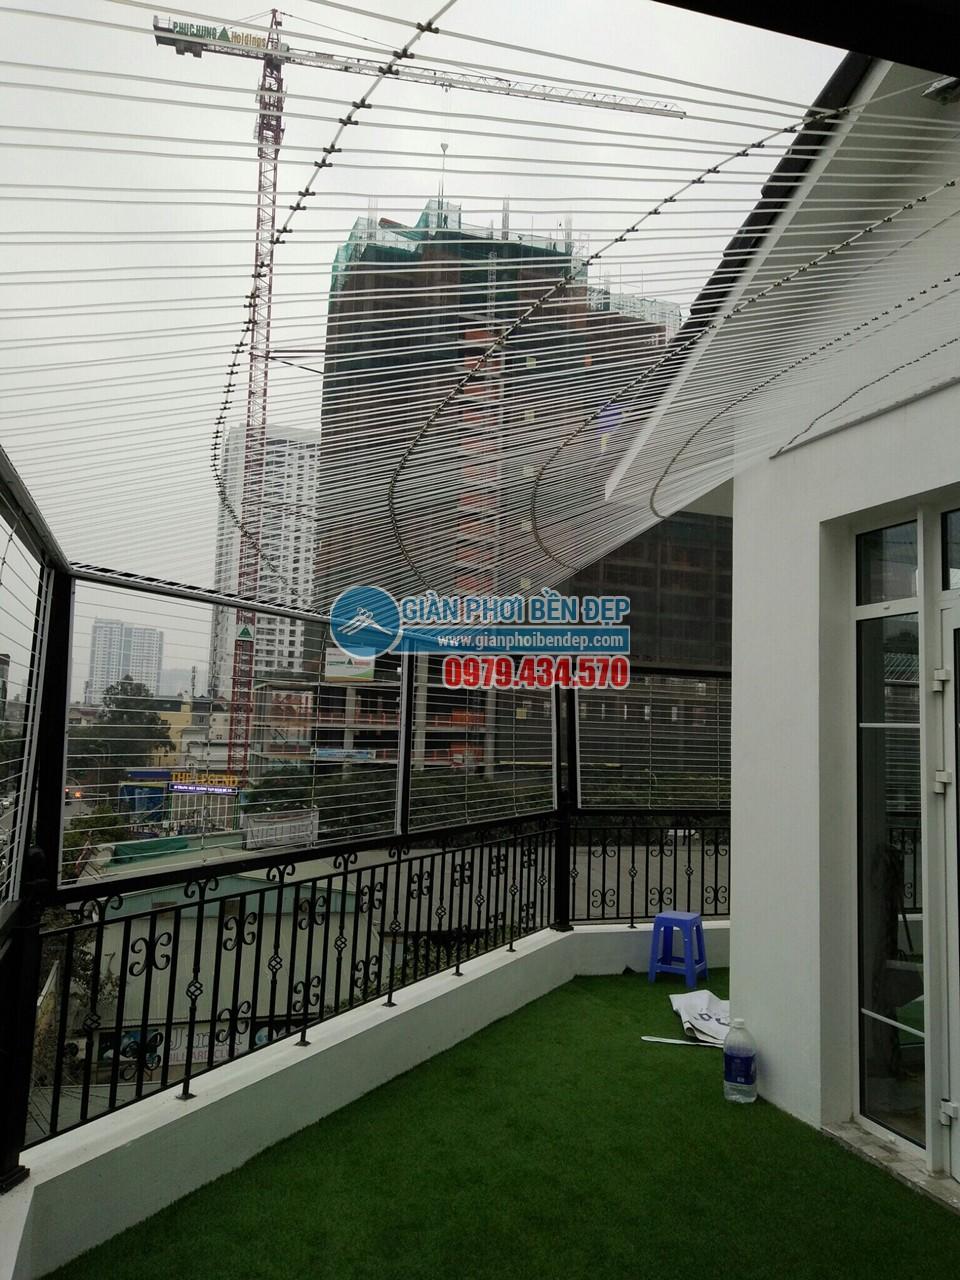 Làm lưới an toàn biệt thự tại tầng thượng nhà chú Trung, KĐT Mỗ Lao Hà ĐôngLàm lưới an toàn biệt thự tại tầng thượng nhà chú Trung, KĐT Mỗ Lao Hà Đông